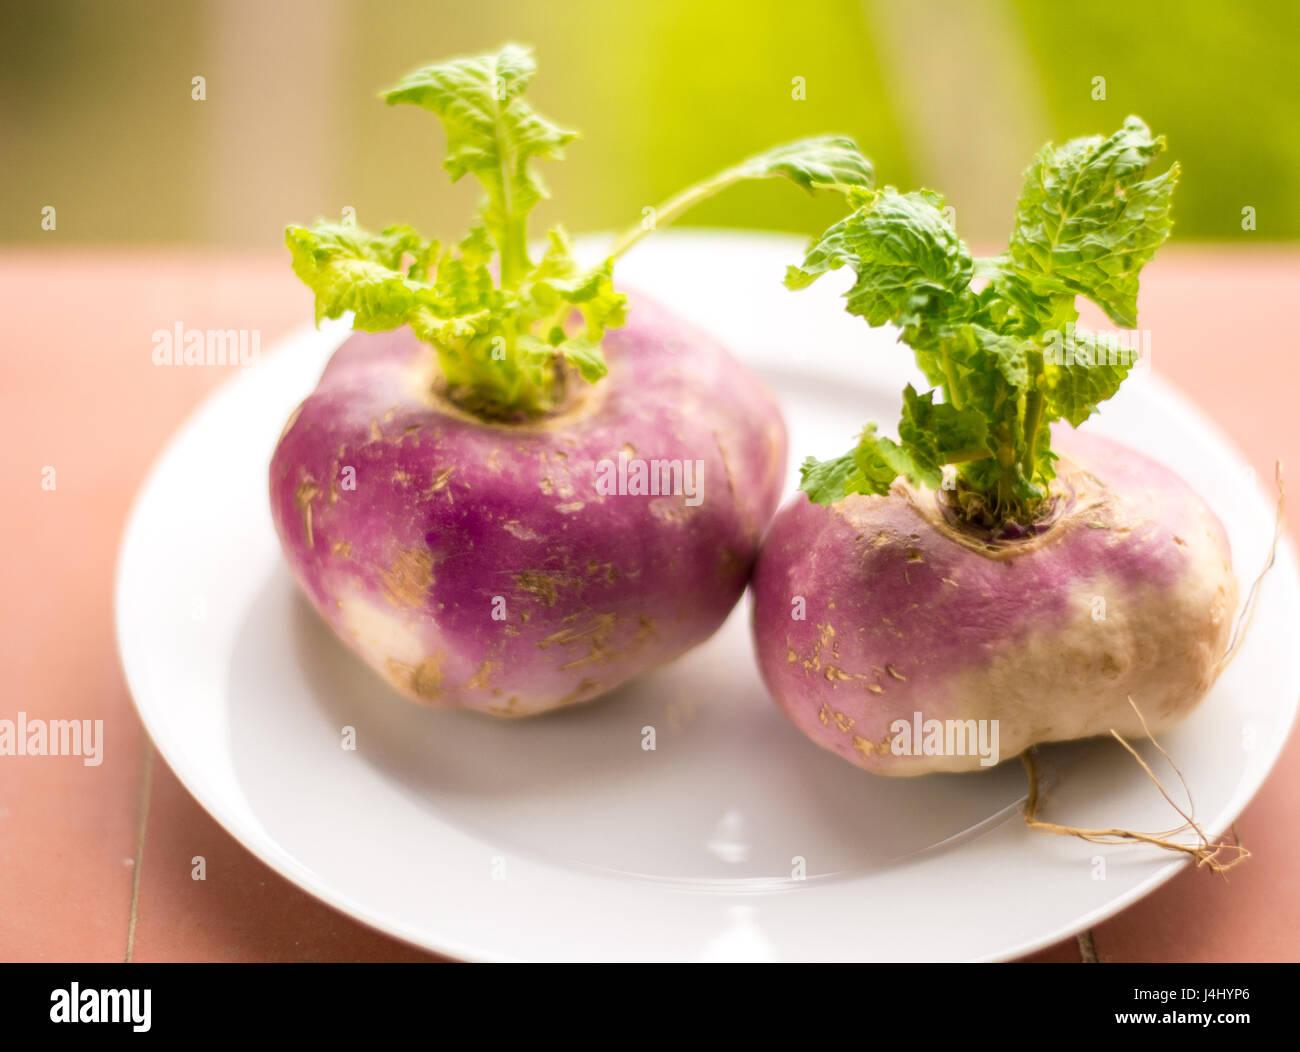 Primer plano de dos orgánicos nabos púrpura con hojas en una placa blanca en un país ajuste de estilo Imagen De Stock